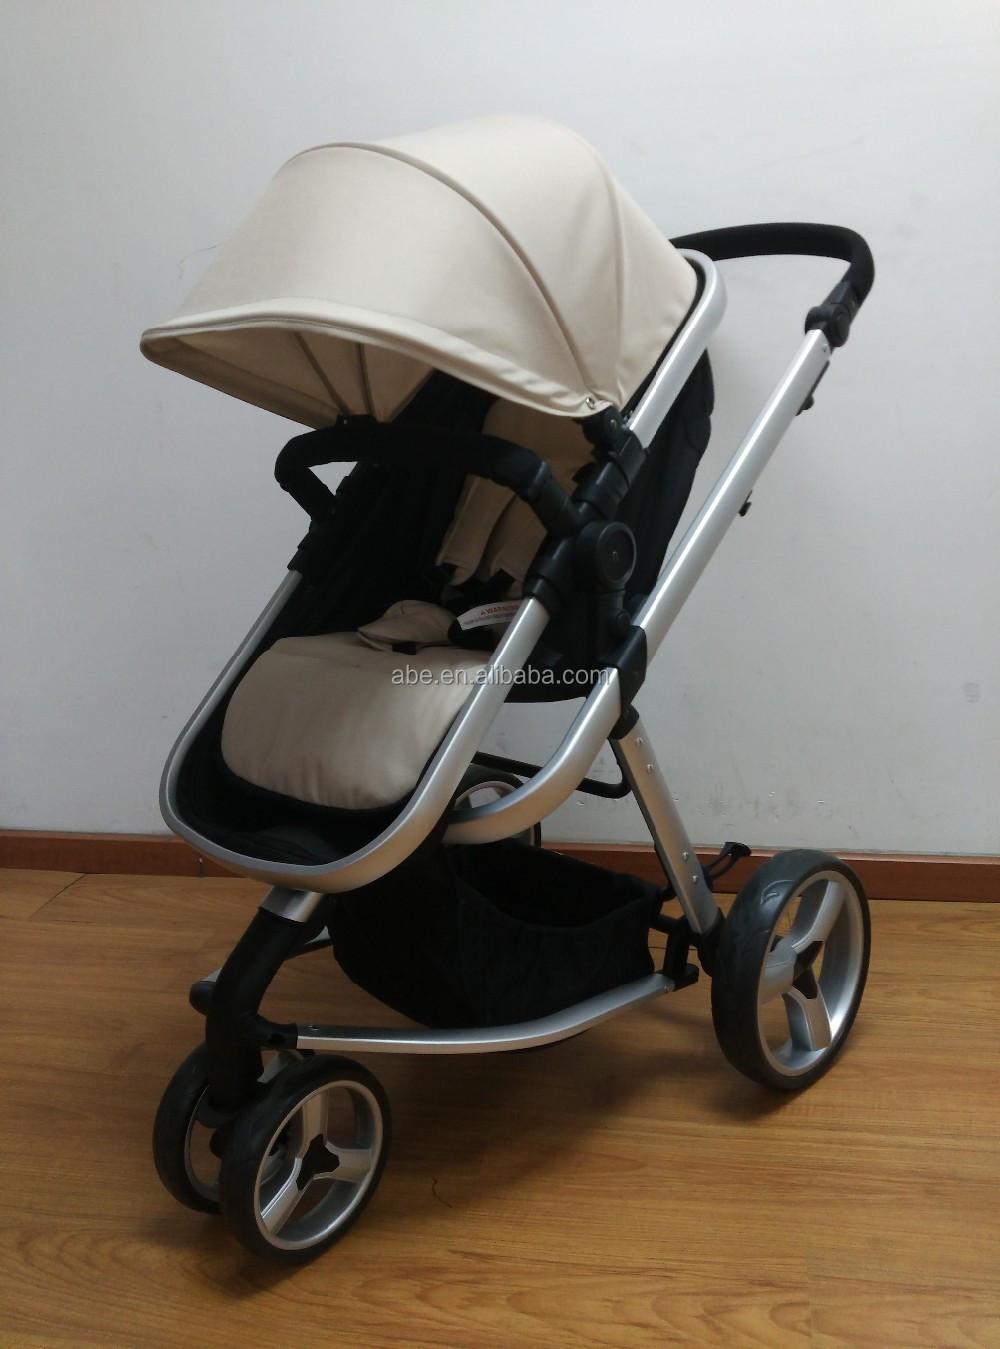 2 in 1 kinderwagen voor rusland markt baby kinderwagen kinderwagens wandelaars dragers product. Black Bedroom Furniture Sets. Home Design Ideas